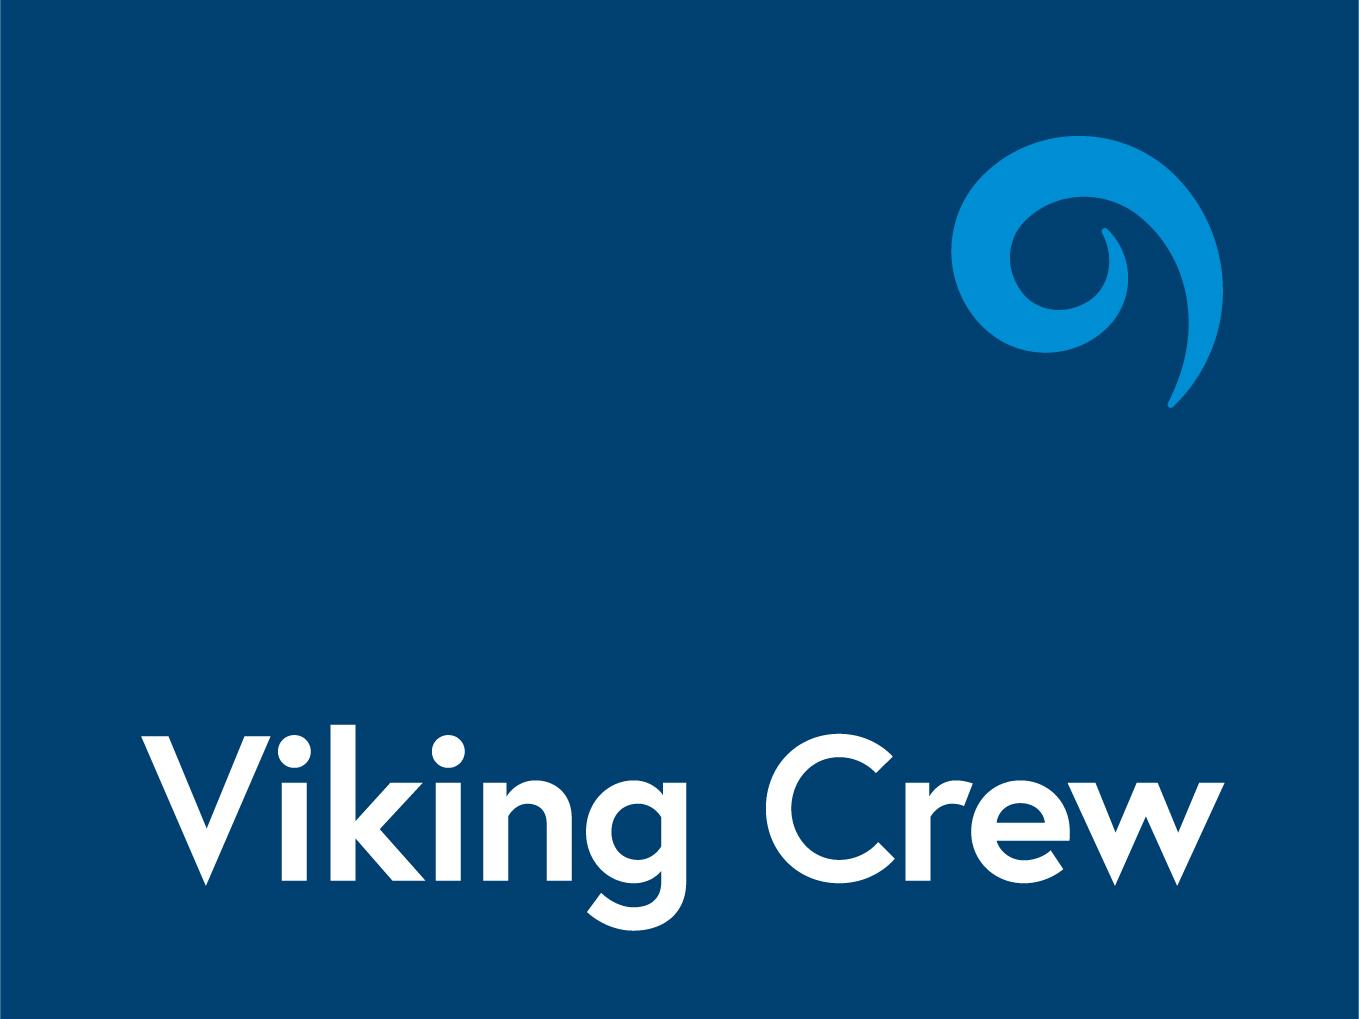 Viking Crew